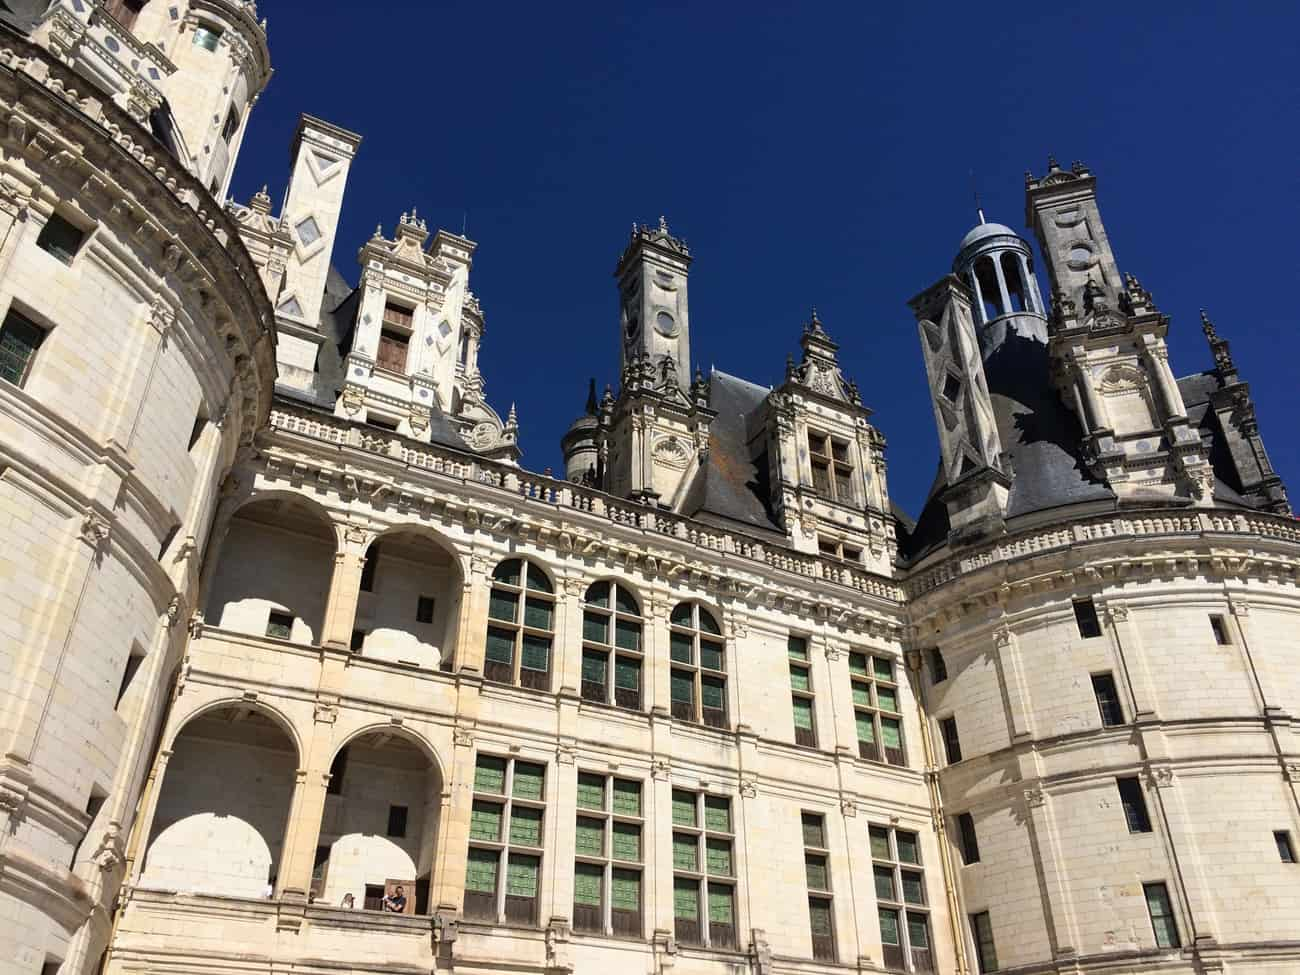 Loire - Chateau de Chambord